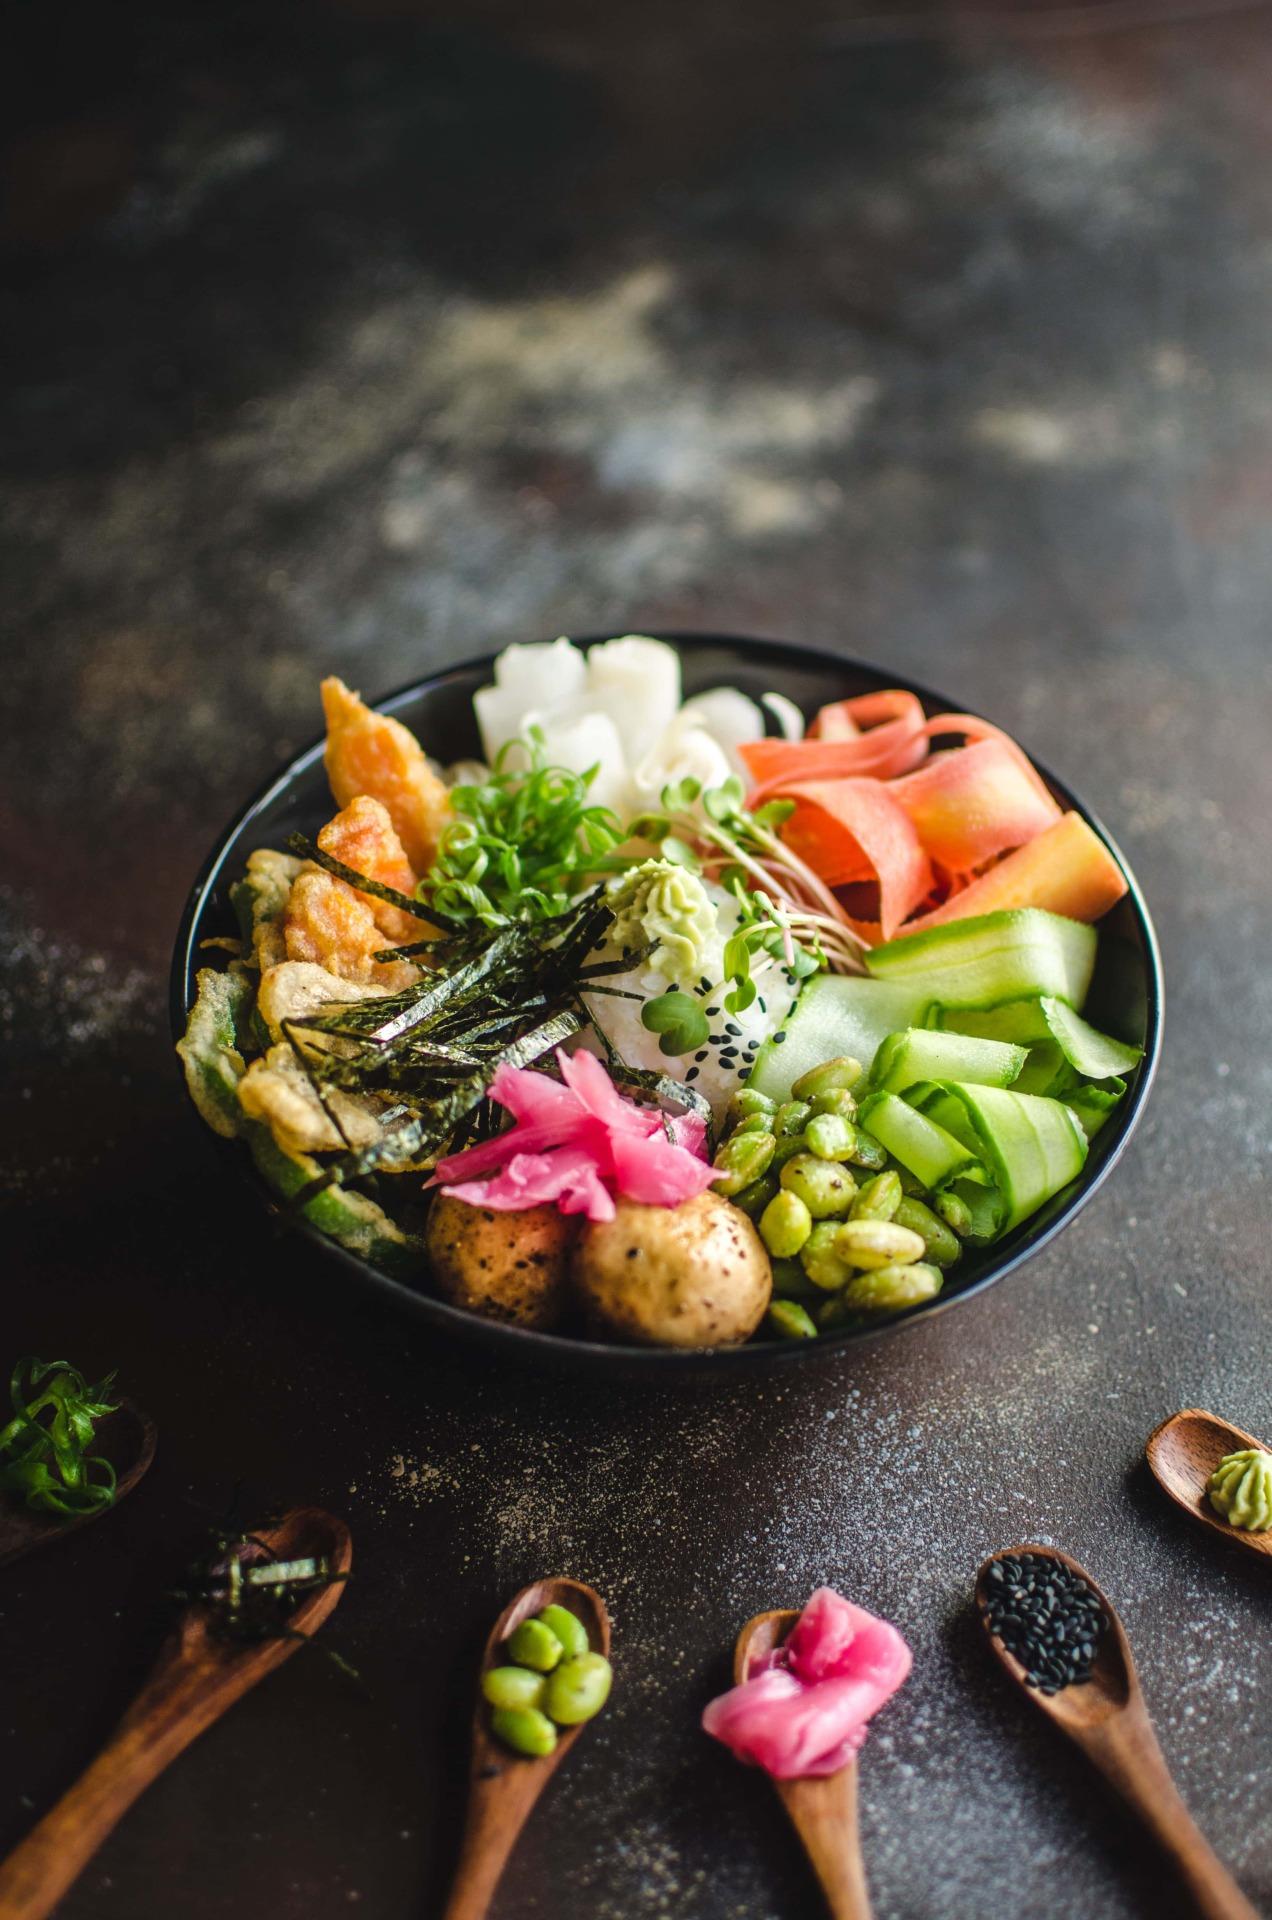 Making food look like art _ Krishna Lalbhai, from the corner table, #fromthecornertable, #krishnalalbhai